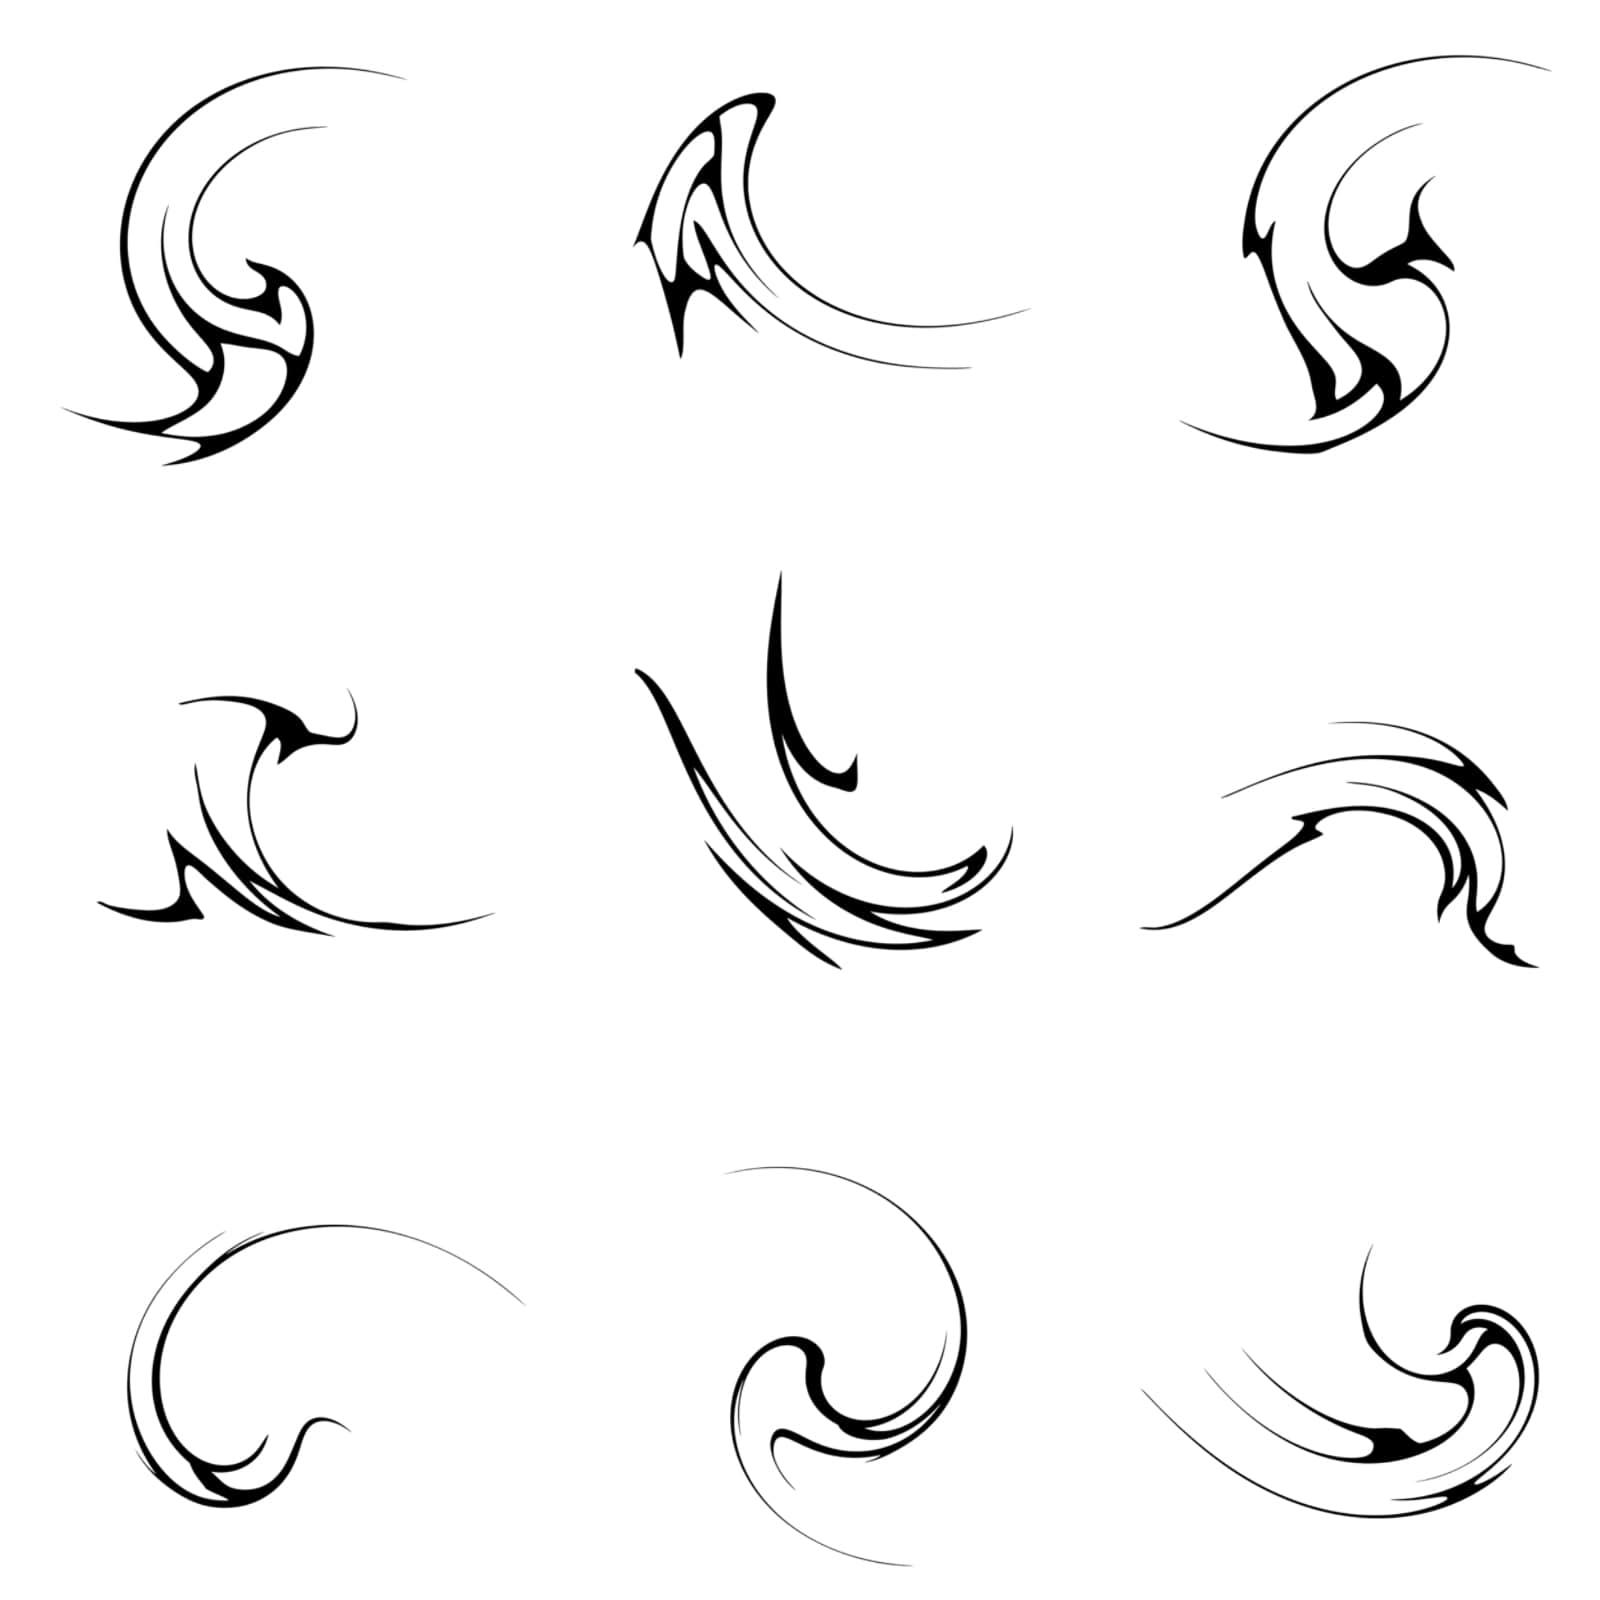 一组螺旋扭曲线条图案PS笔刷下载 螺旋线条笔刷  %e7%ba%bf%e6%9d%a1%e7%ac%94%e5%88%b7